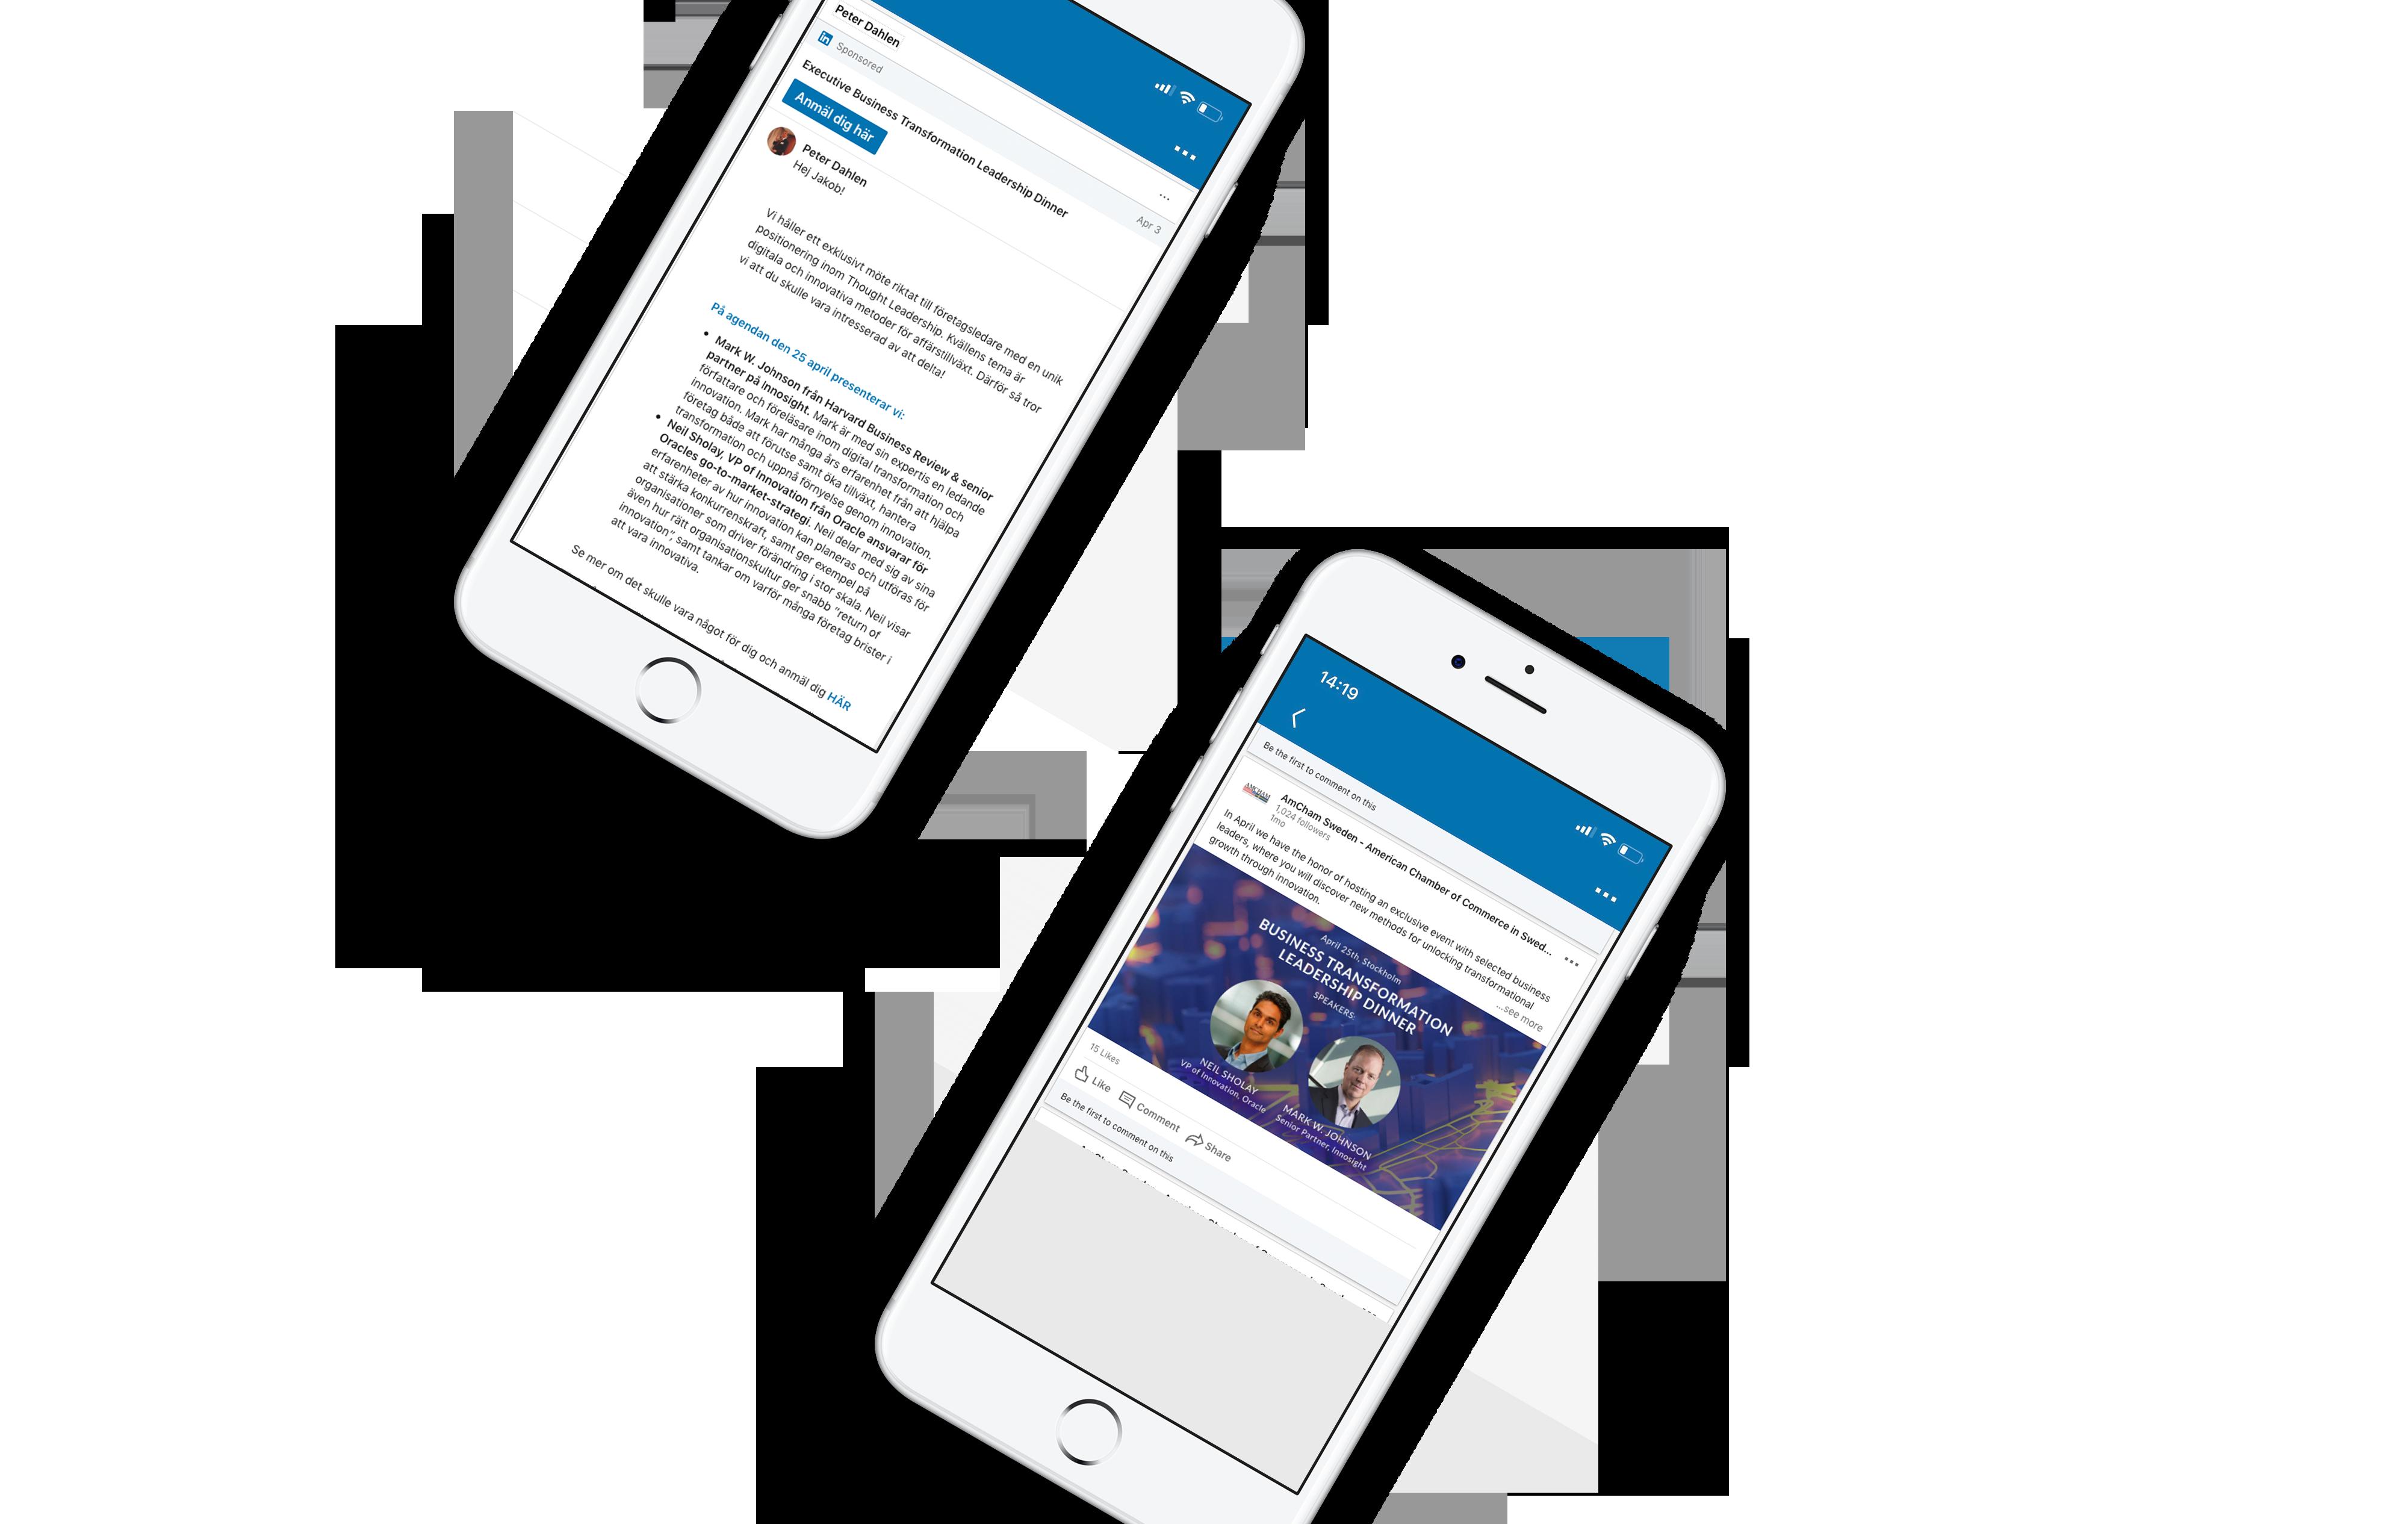 Mobil-annons kopia 2